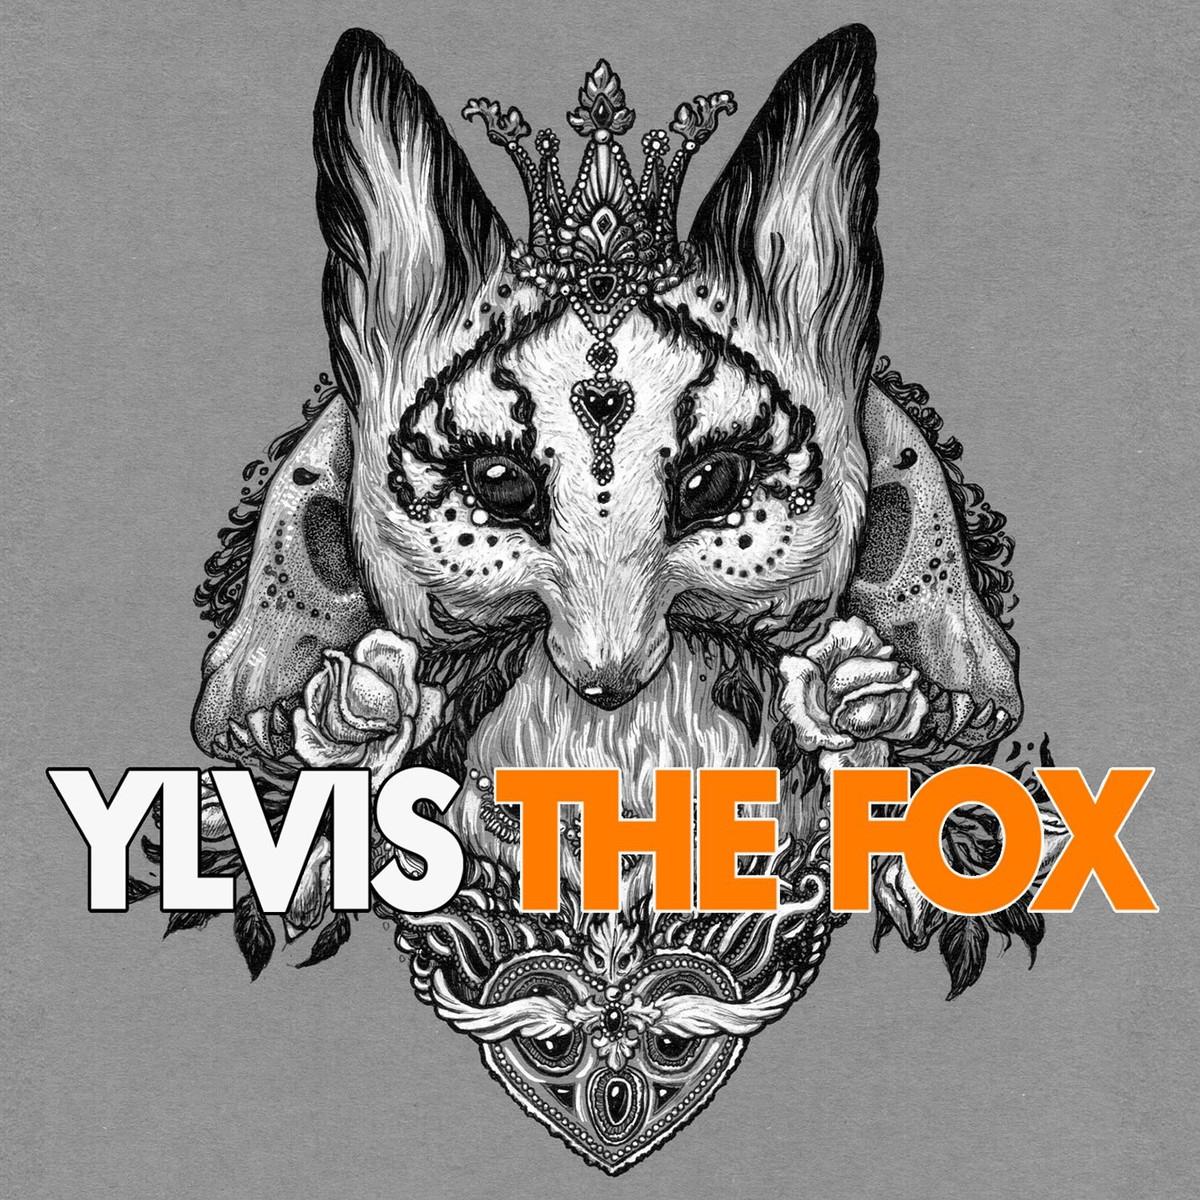 挪威组合Ylvis - 狐狸叫The Fox (What Does the Fox Say_)